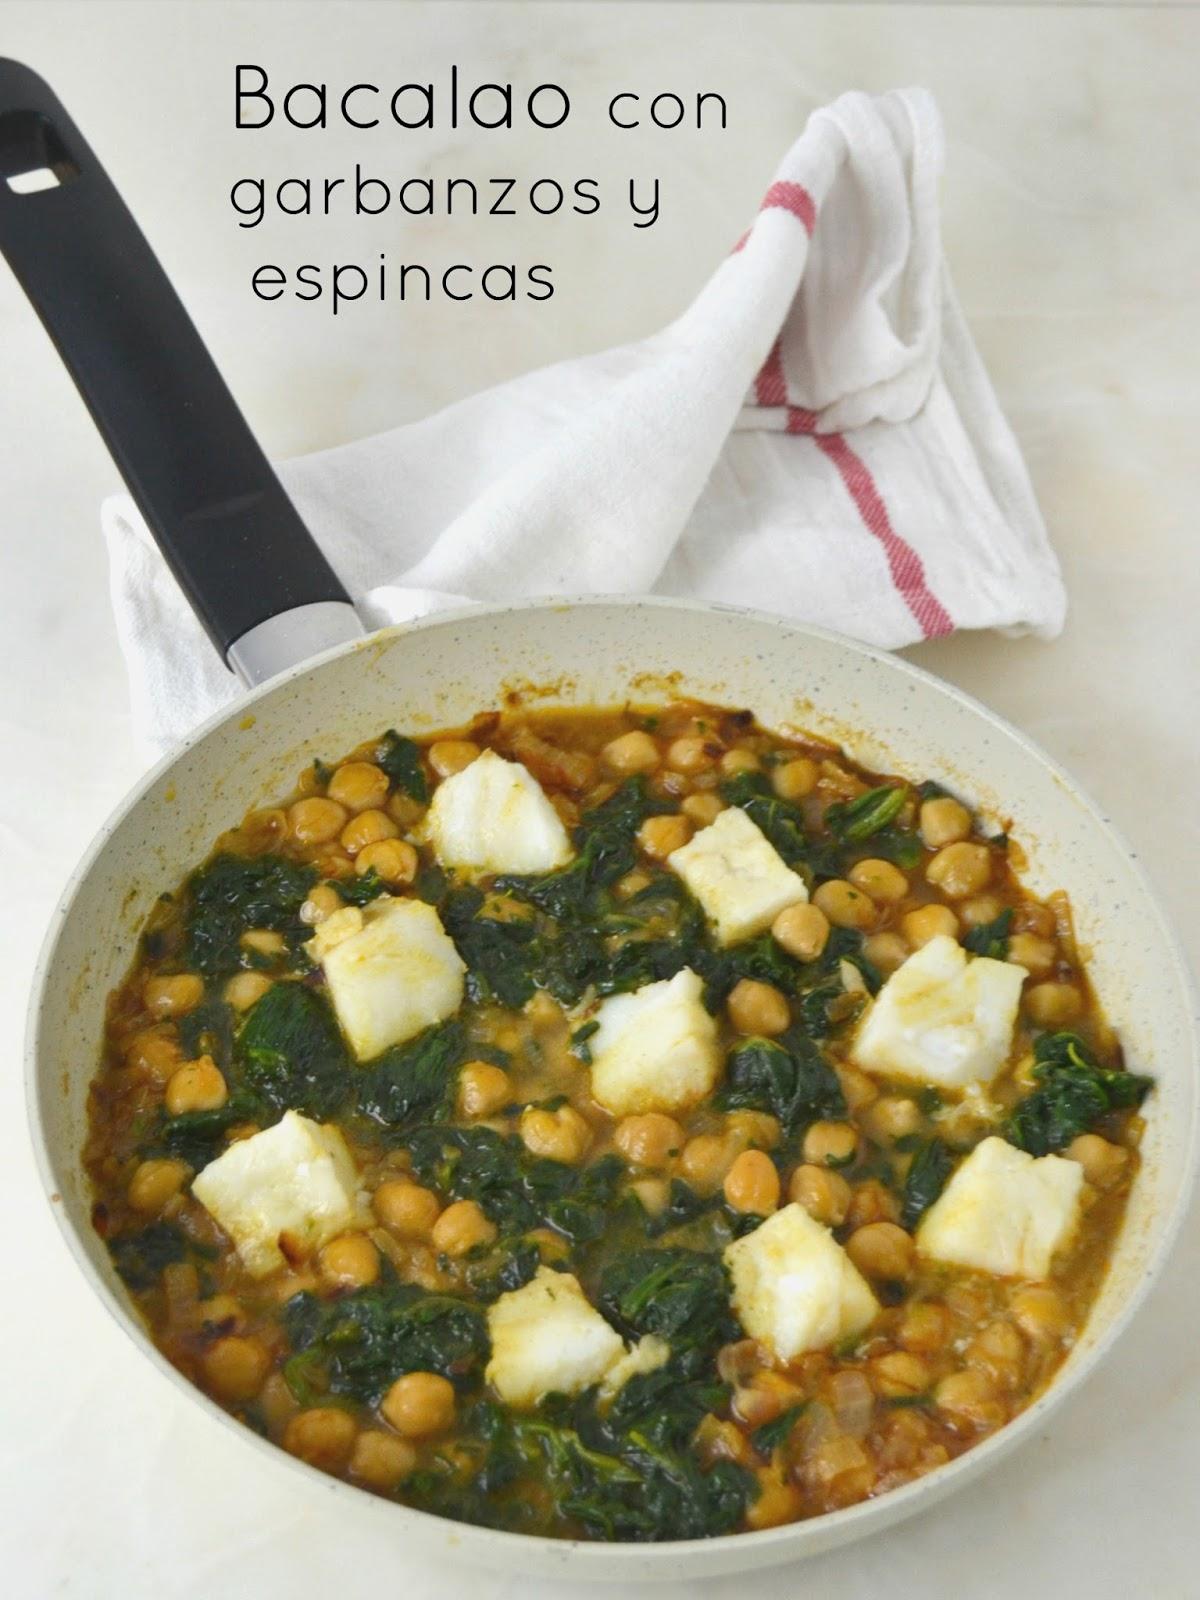 Recetas De Cocina Con Espinacas   Bacalao Con Garbanzos Y Espinacas Expres Legumbreandots Cuuking